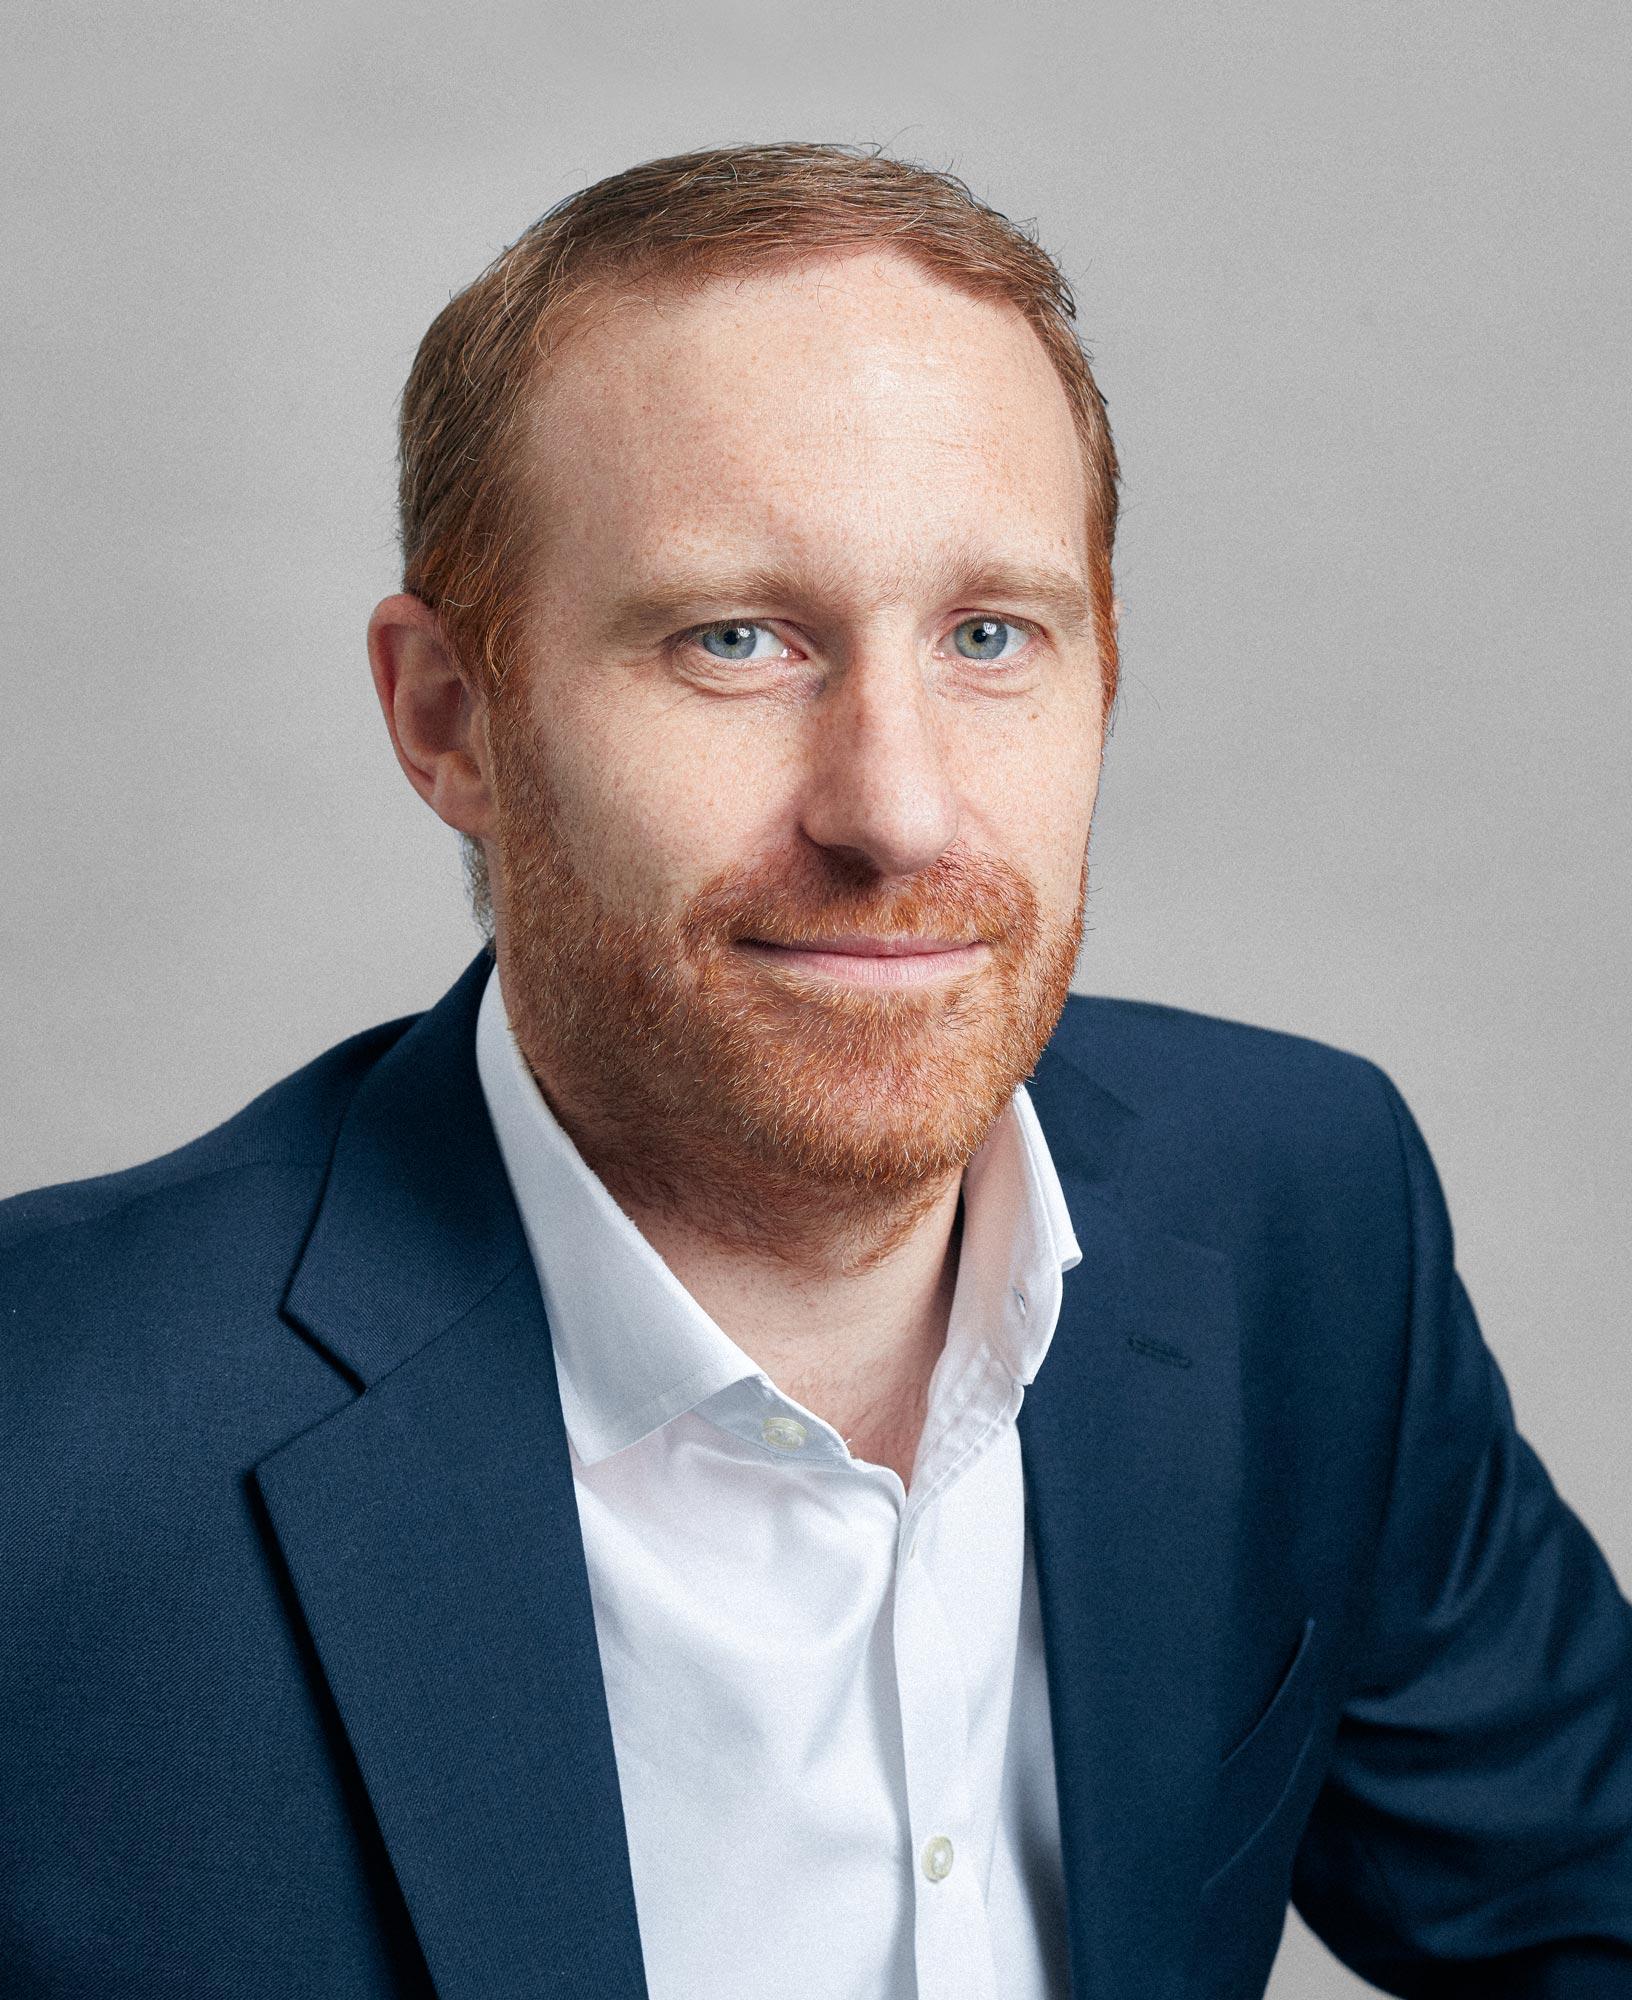 Christian Bennett